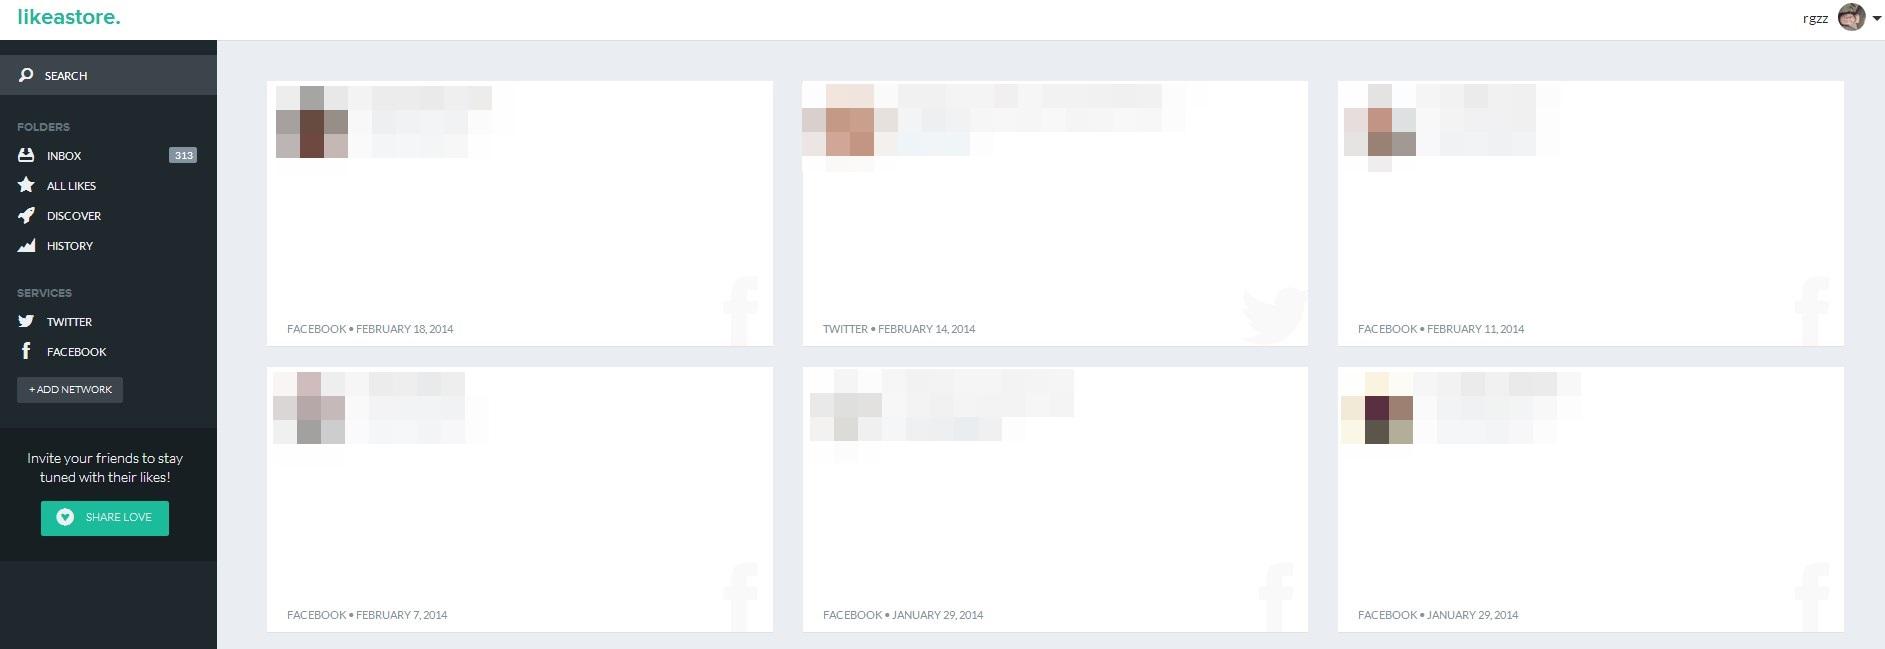 Likeastore - Imagem 1 do software